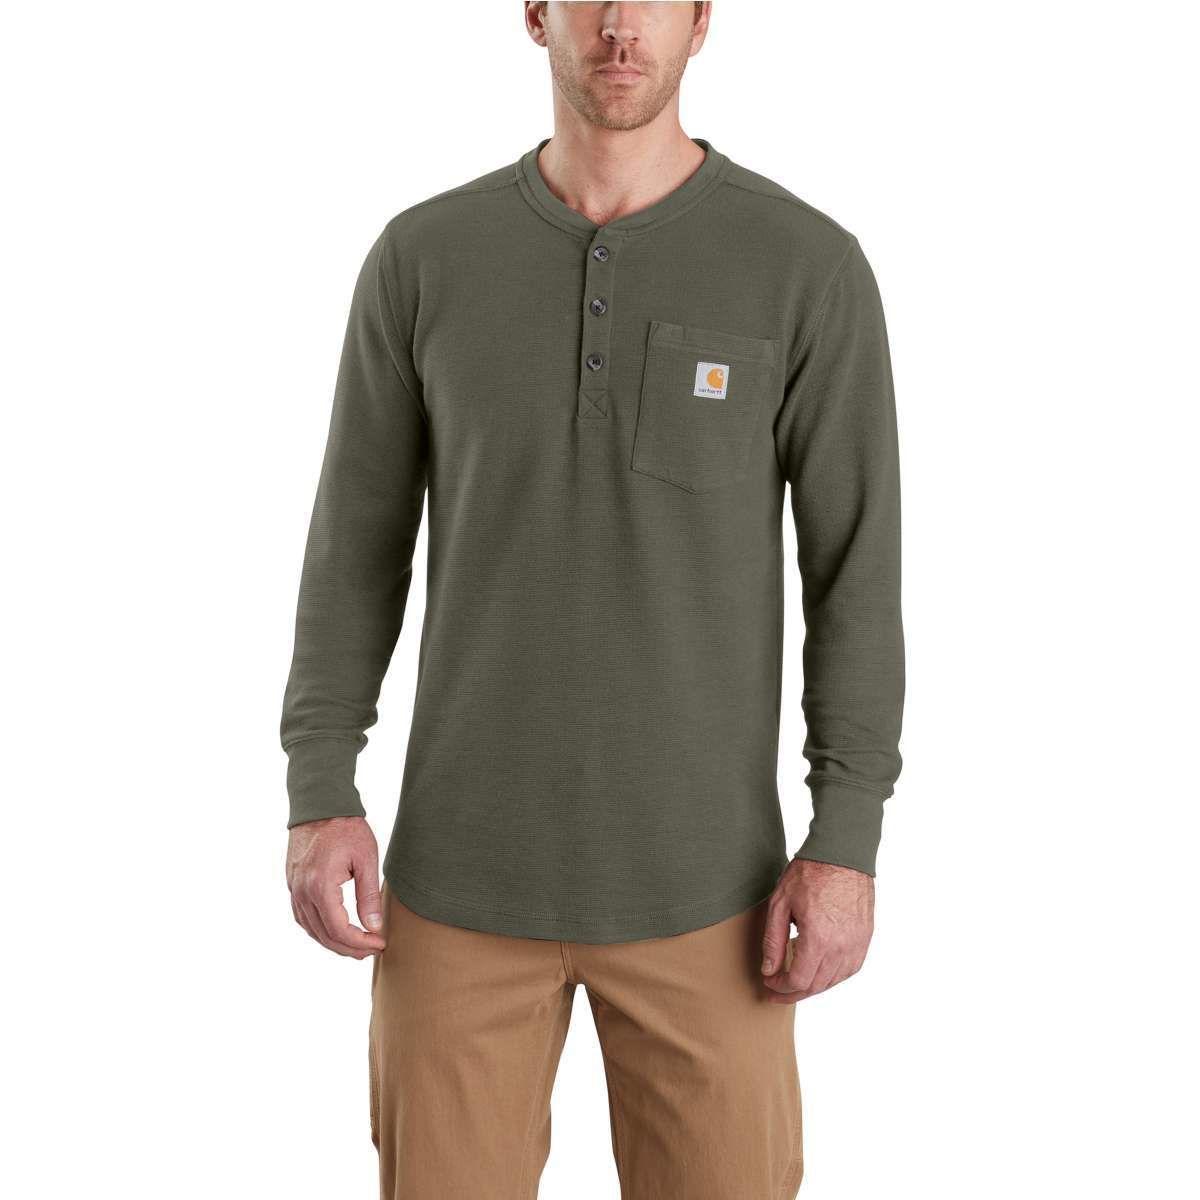 Carhartt Men's Tilden Long-Sleeve Henley Shirt - Green, M